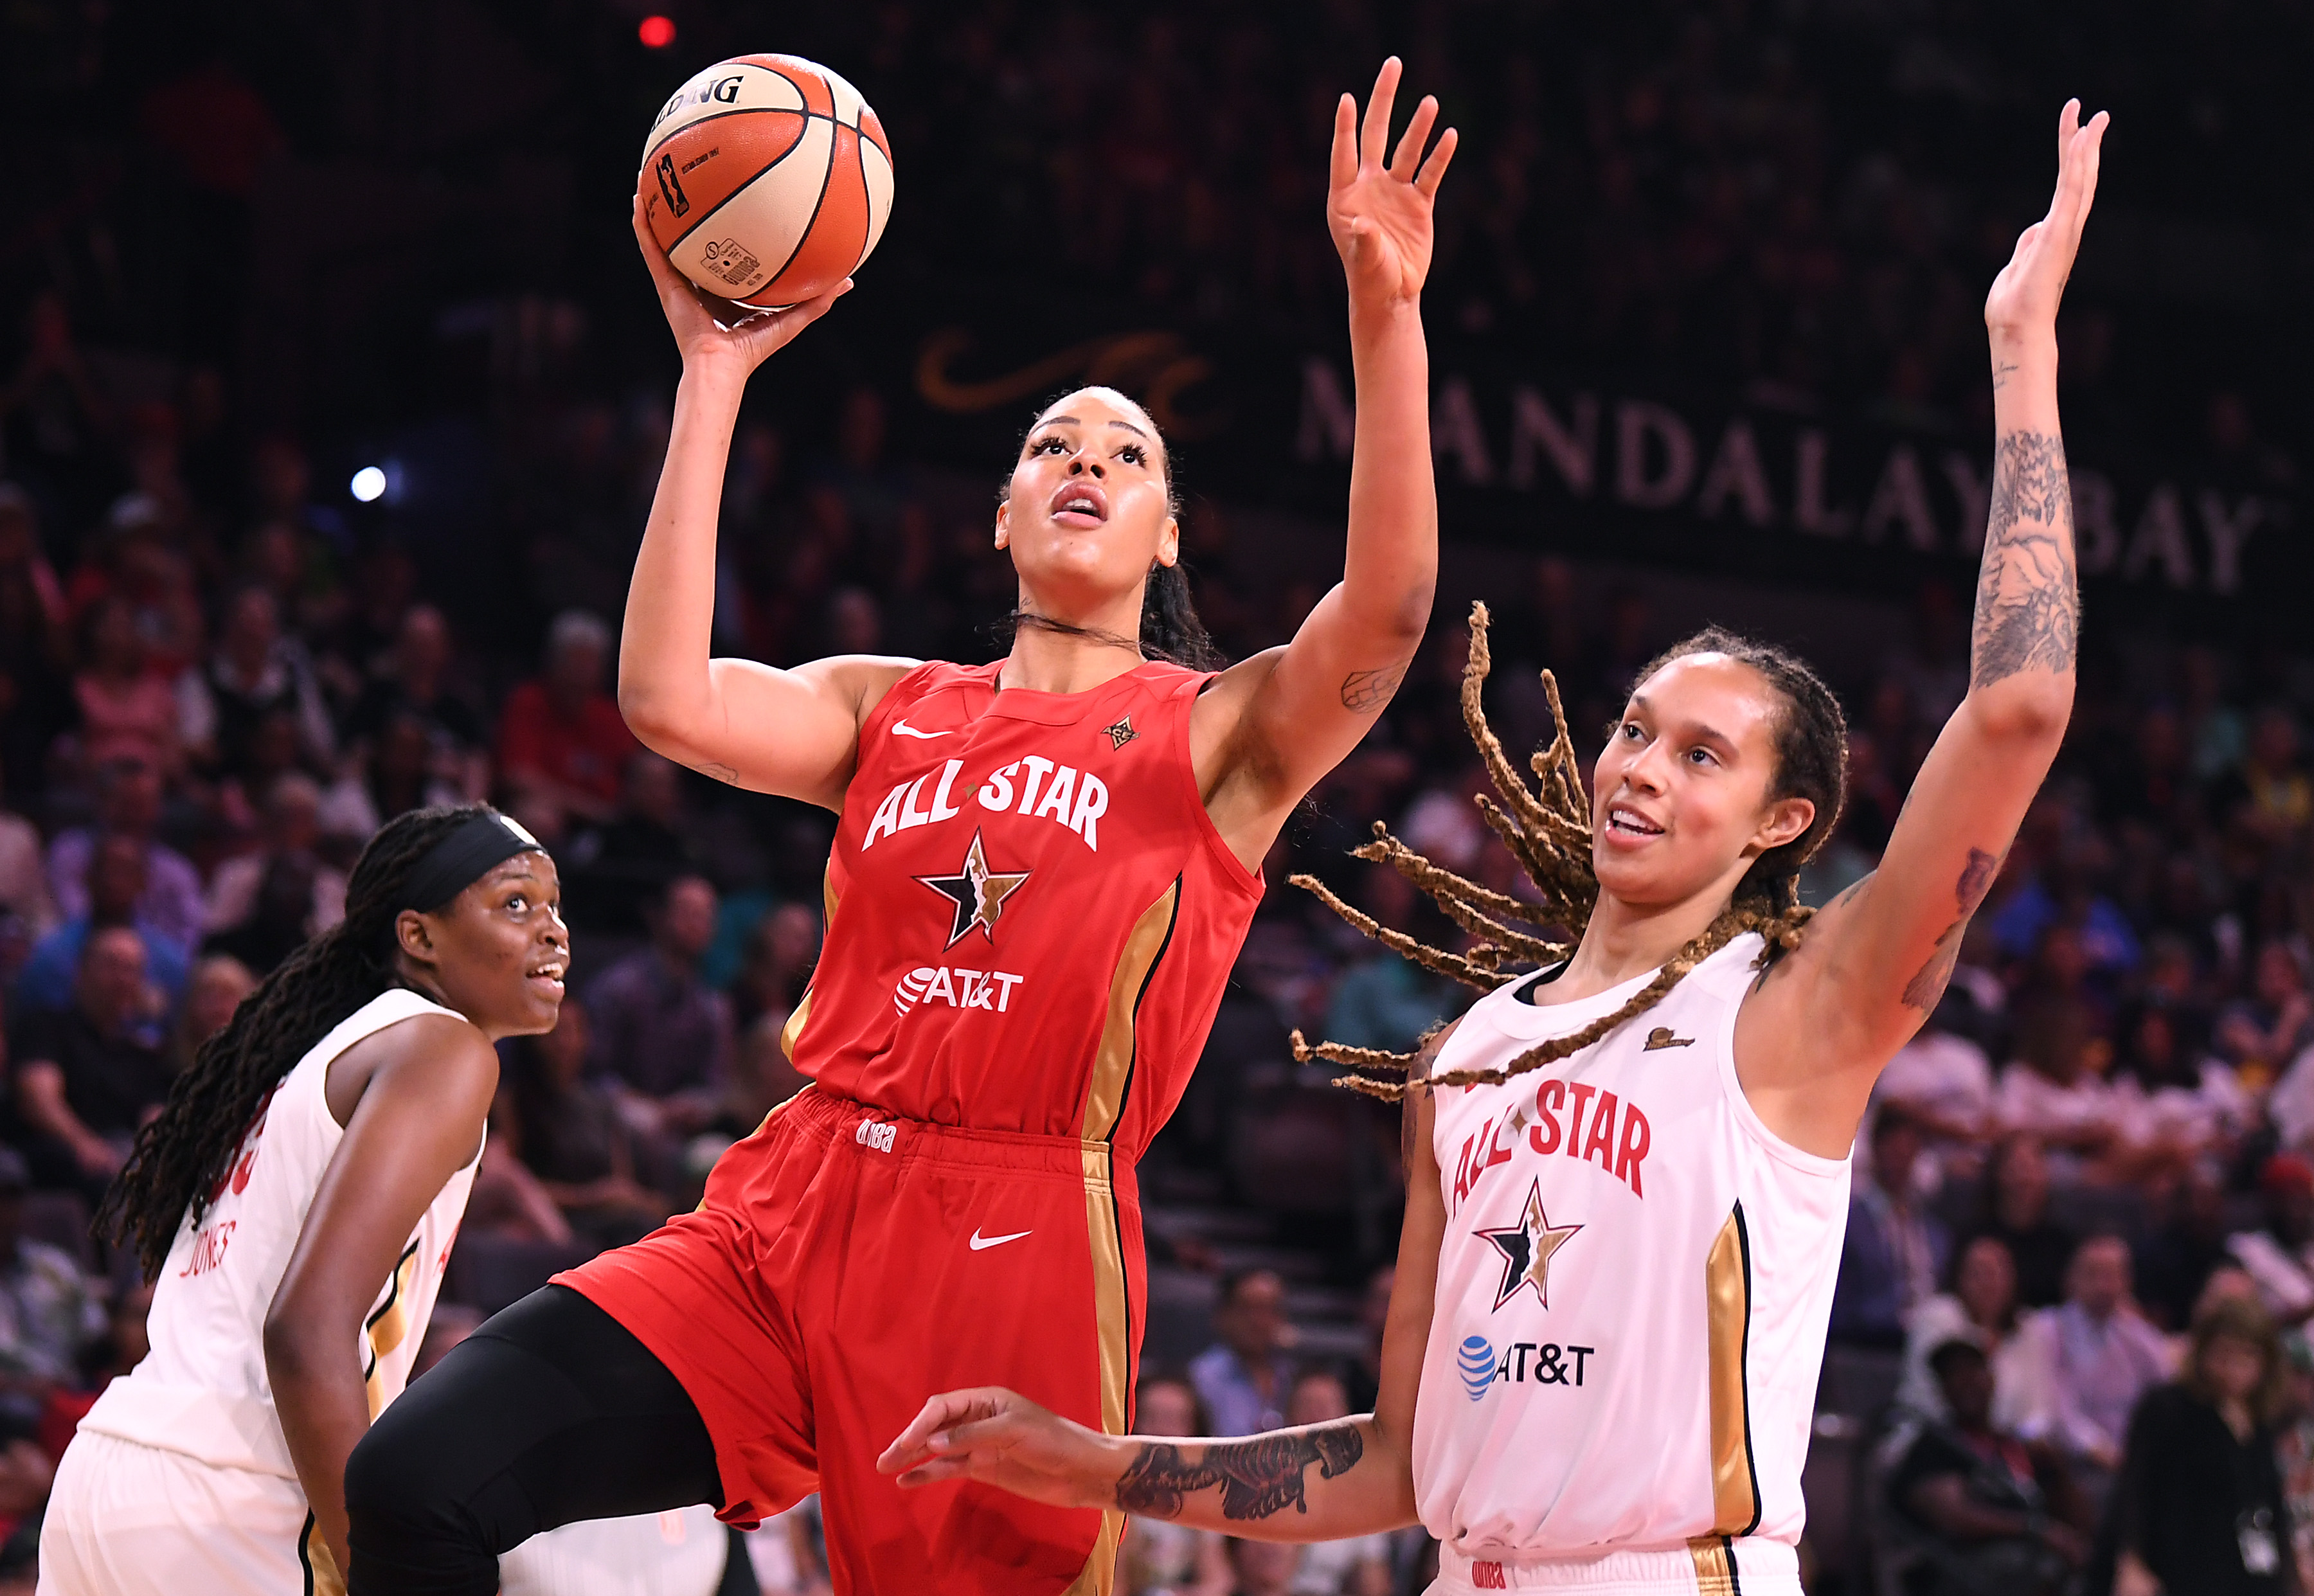 在曼德勒湾活动中心举行的WNBA全明星赛上半场,威尔逊队前锋利兹·坎贝奇(Liz Cambage)在德尔·多恩队前锋布里特尼·格里格(Brittney Griner)的防守内投篮。